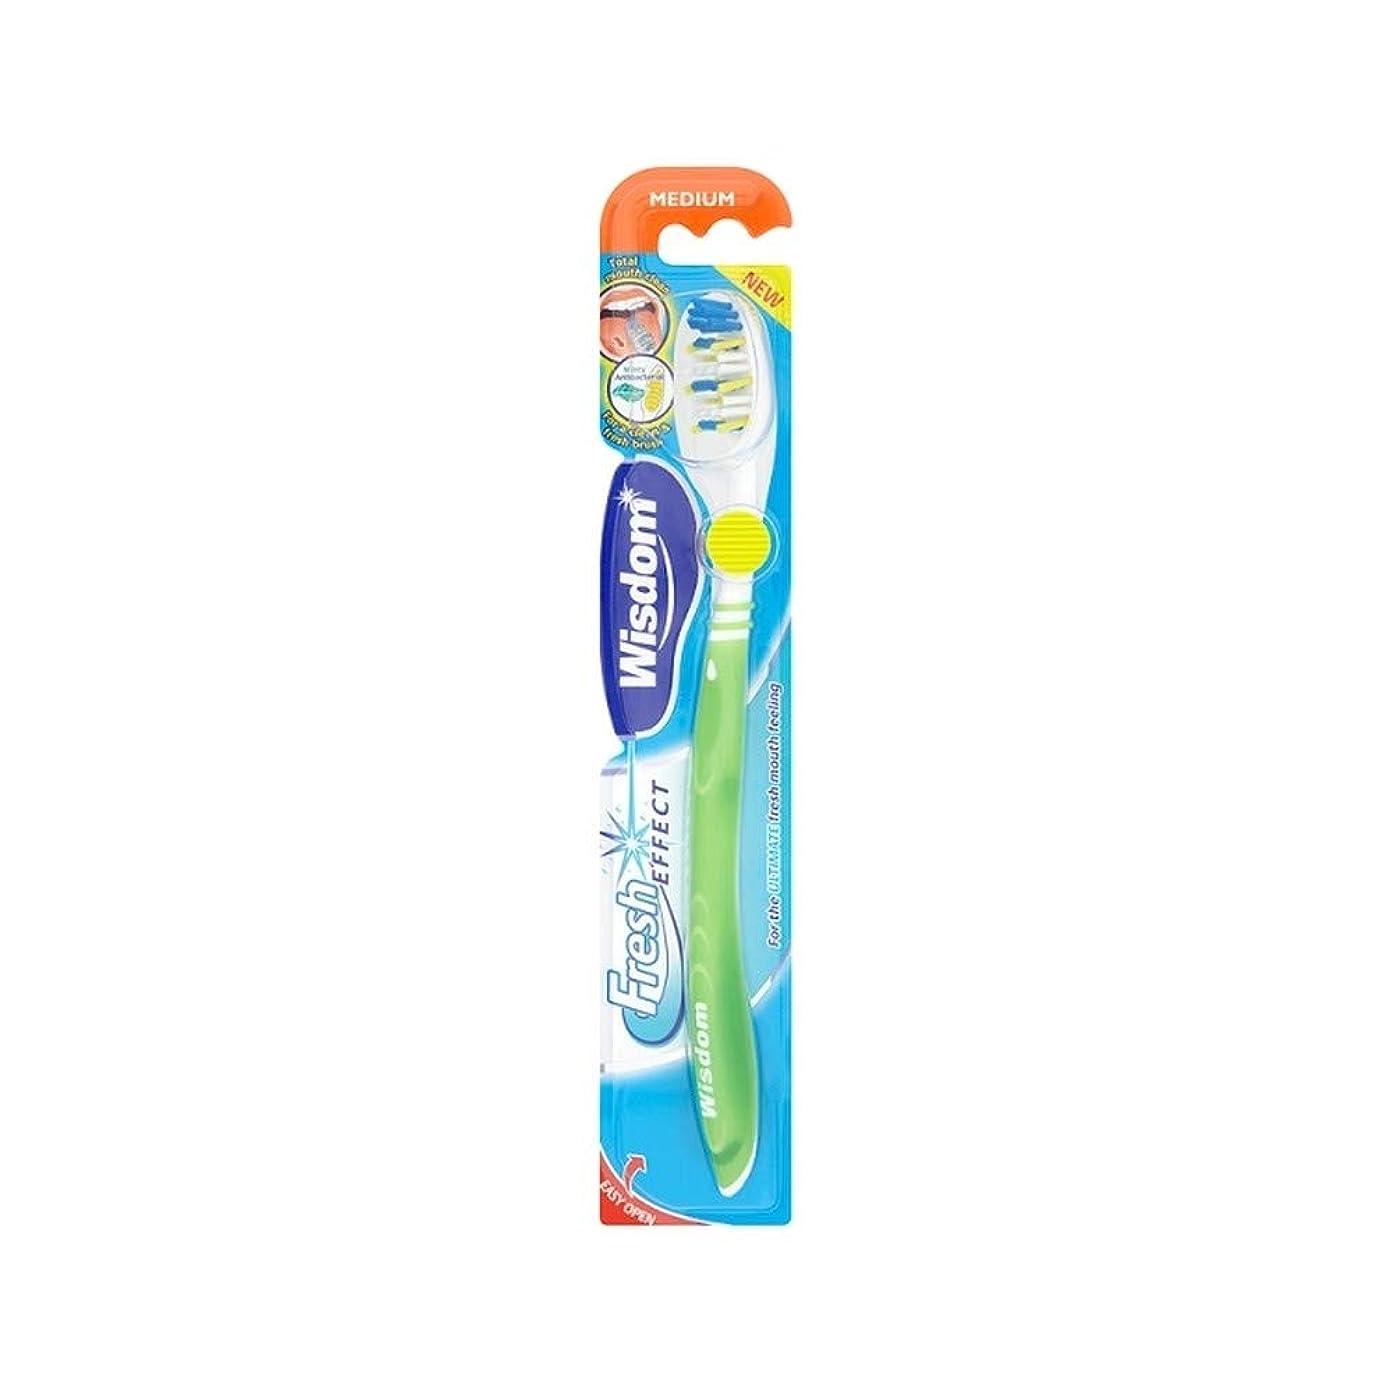 大腿防衛離れた[Wisdom ] 10の知恵フレッシュ効果メディア歯ブラシパック - Wisdom Fresh Effect Medium Toothbrush Pack of 10 [並行輸入品]